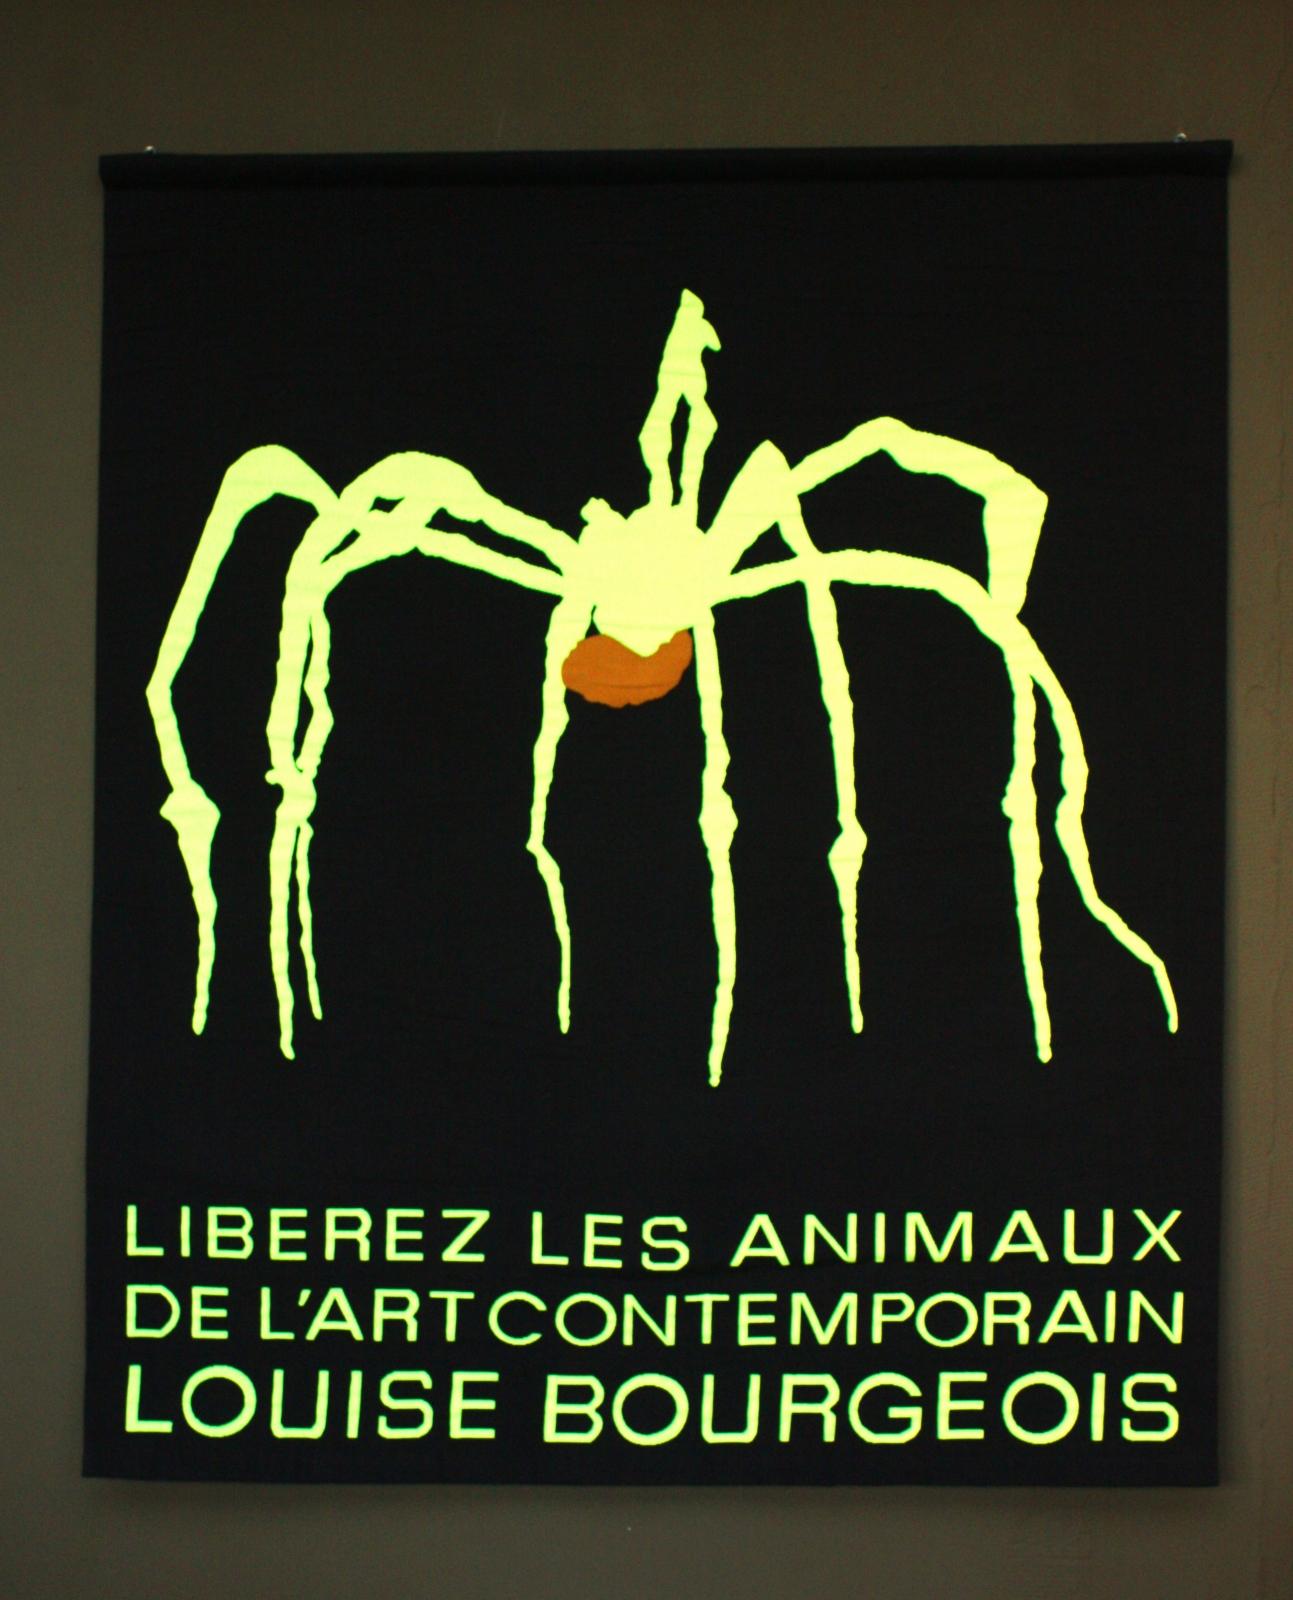 Liberez les animaux de l'art contemporain tapisserie aubusson 01